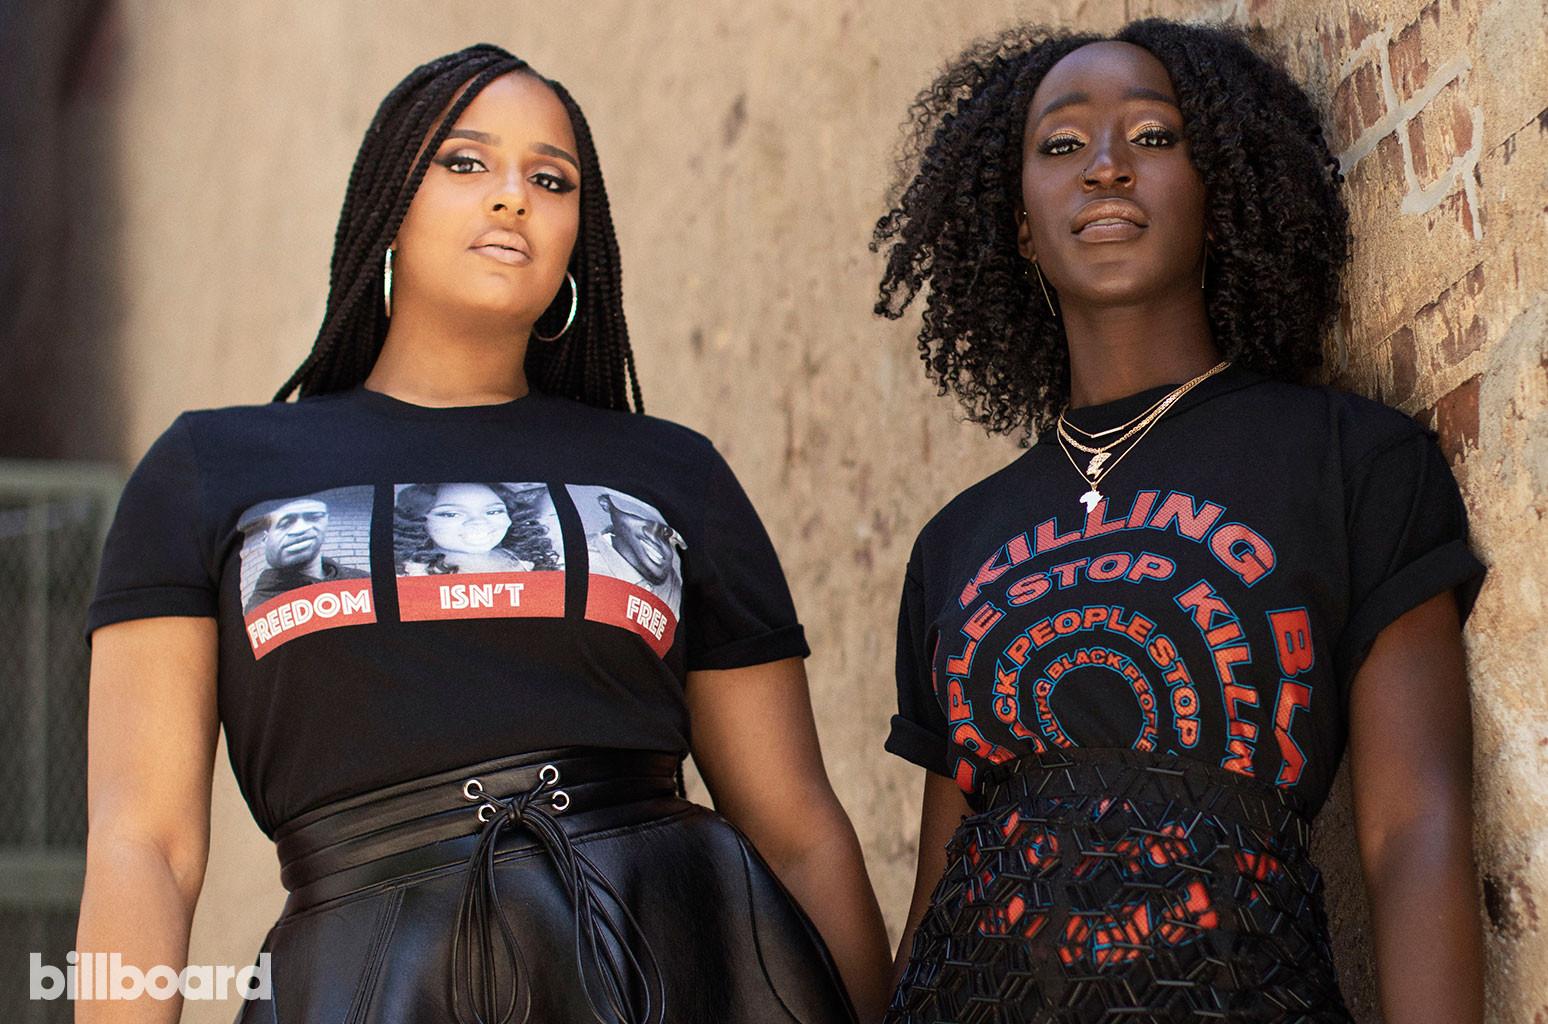 Jamila Thomas and Brianna Agyemang